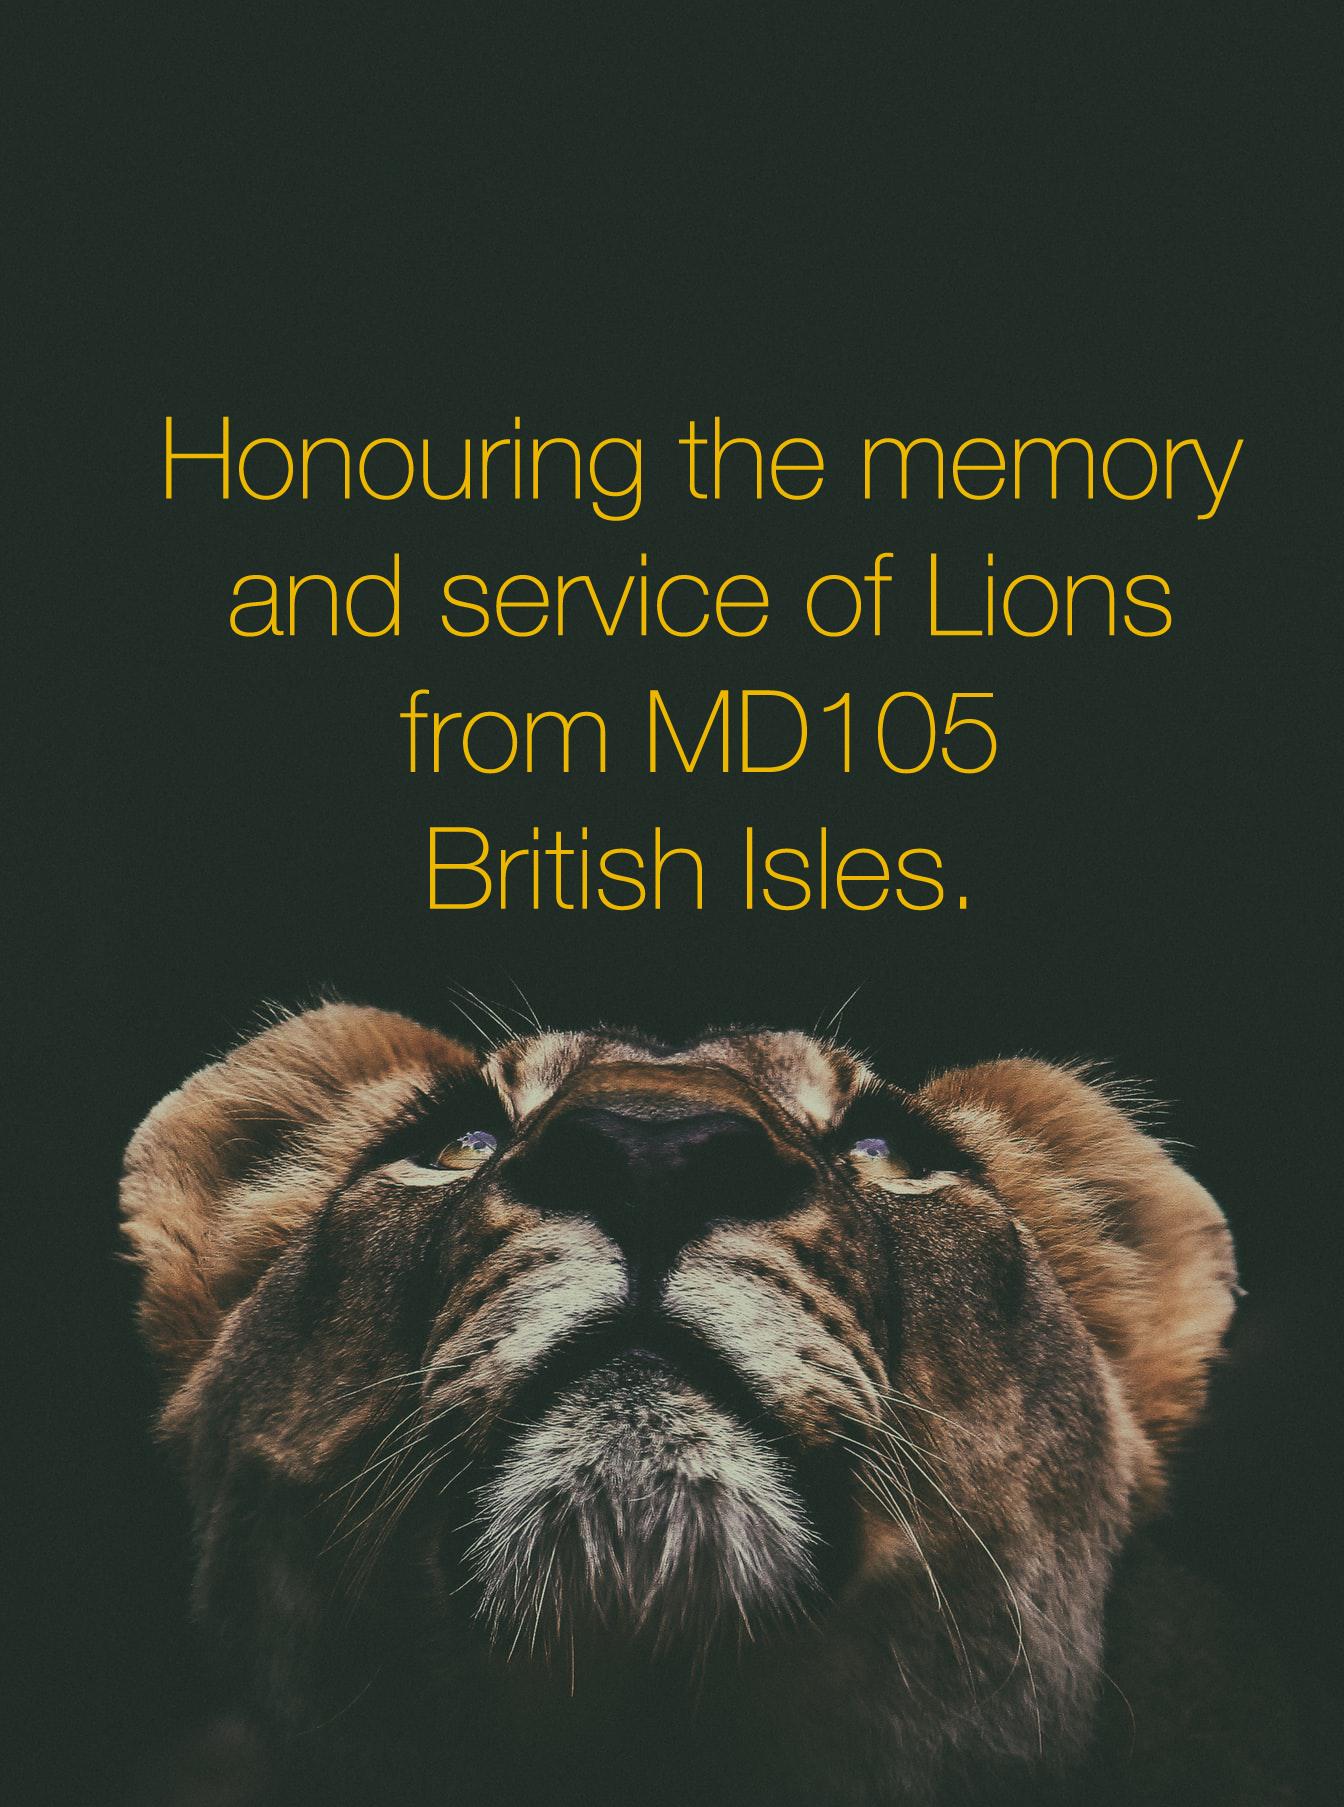 lion-in-memoriam